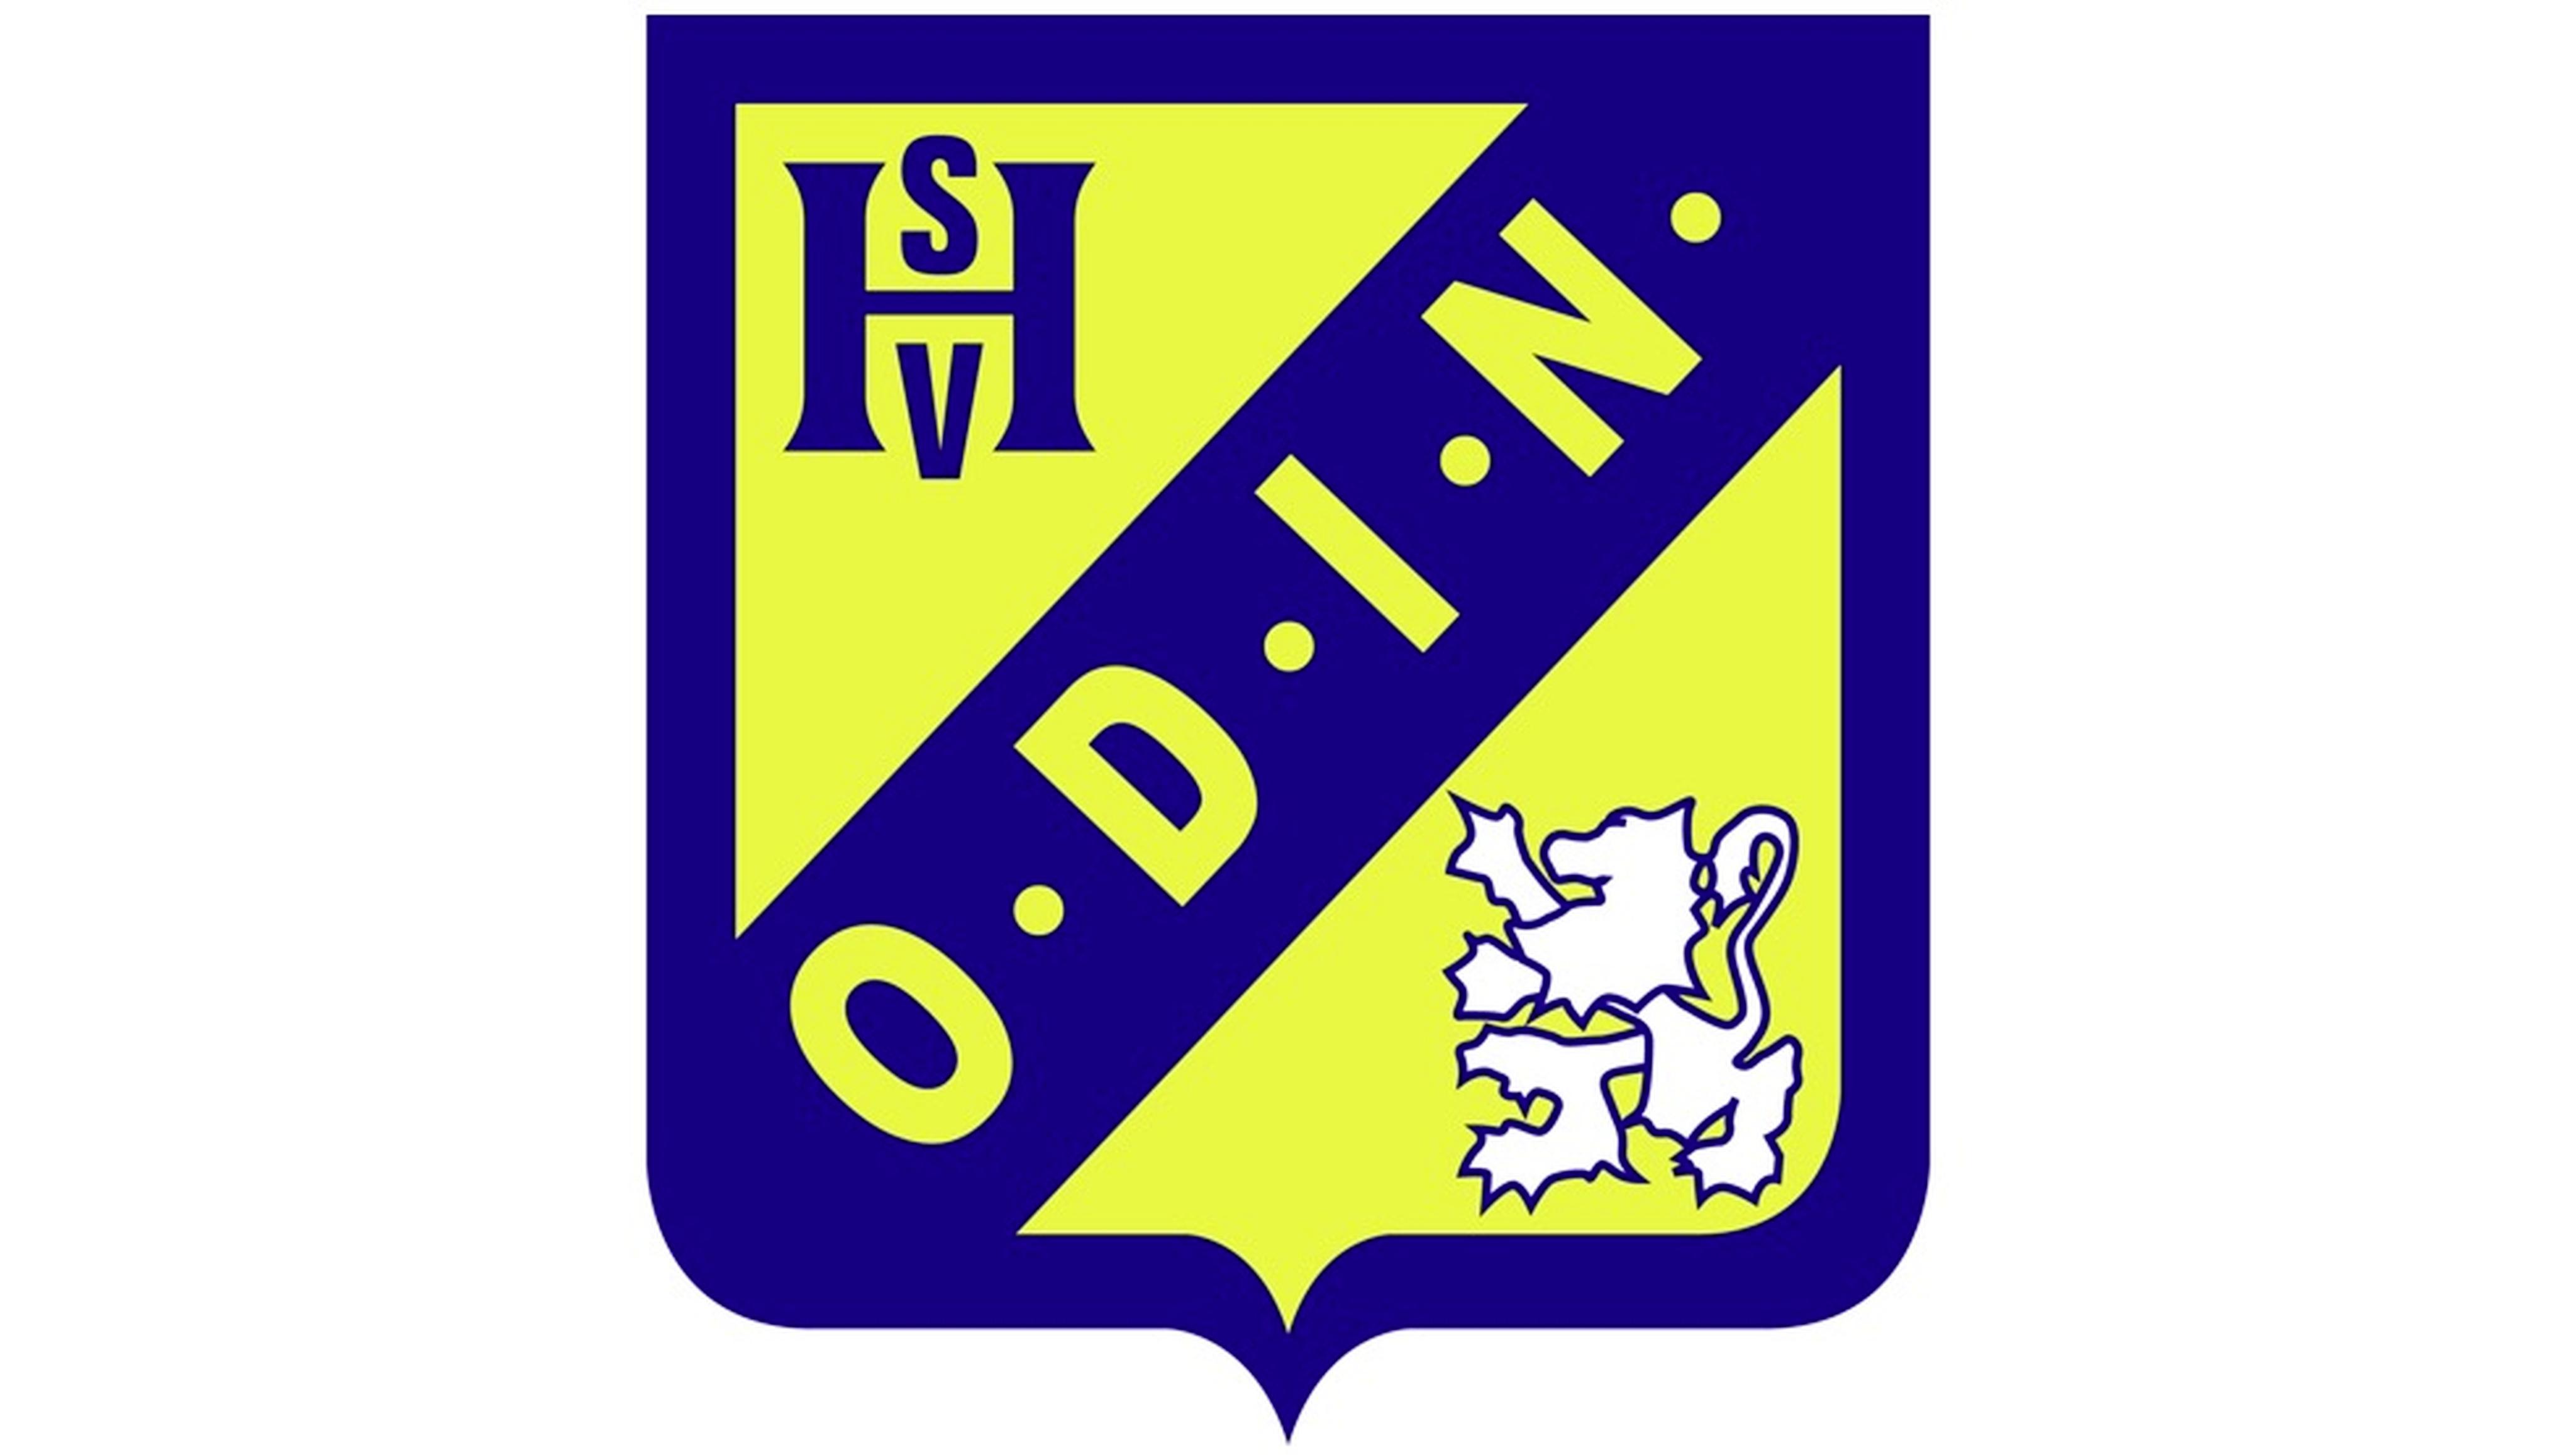 'Roestig' Odin'59 begint seizoen met goed gevoel. Eerste duel in negen maanden tegen Heerenveen O21 eindigt in gelijkspel